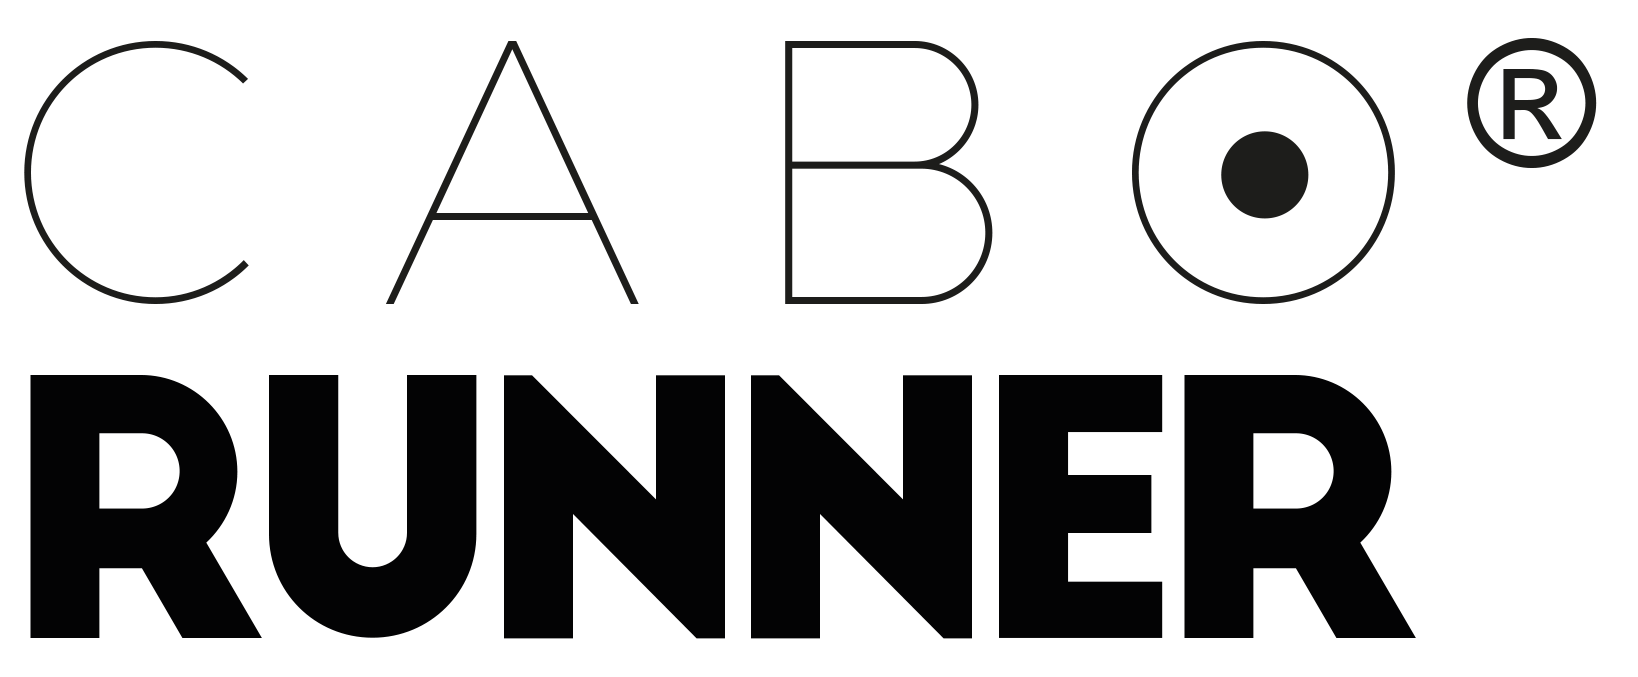 Bildergebnis für caborunner logo